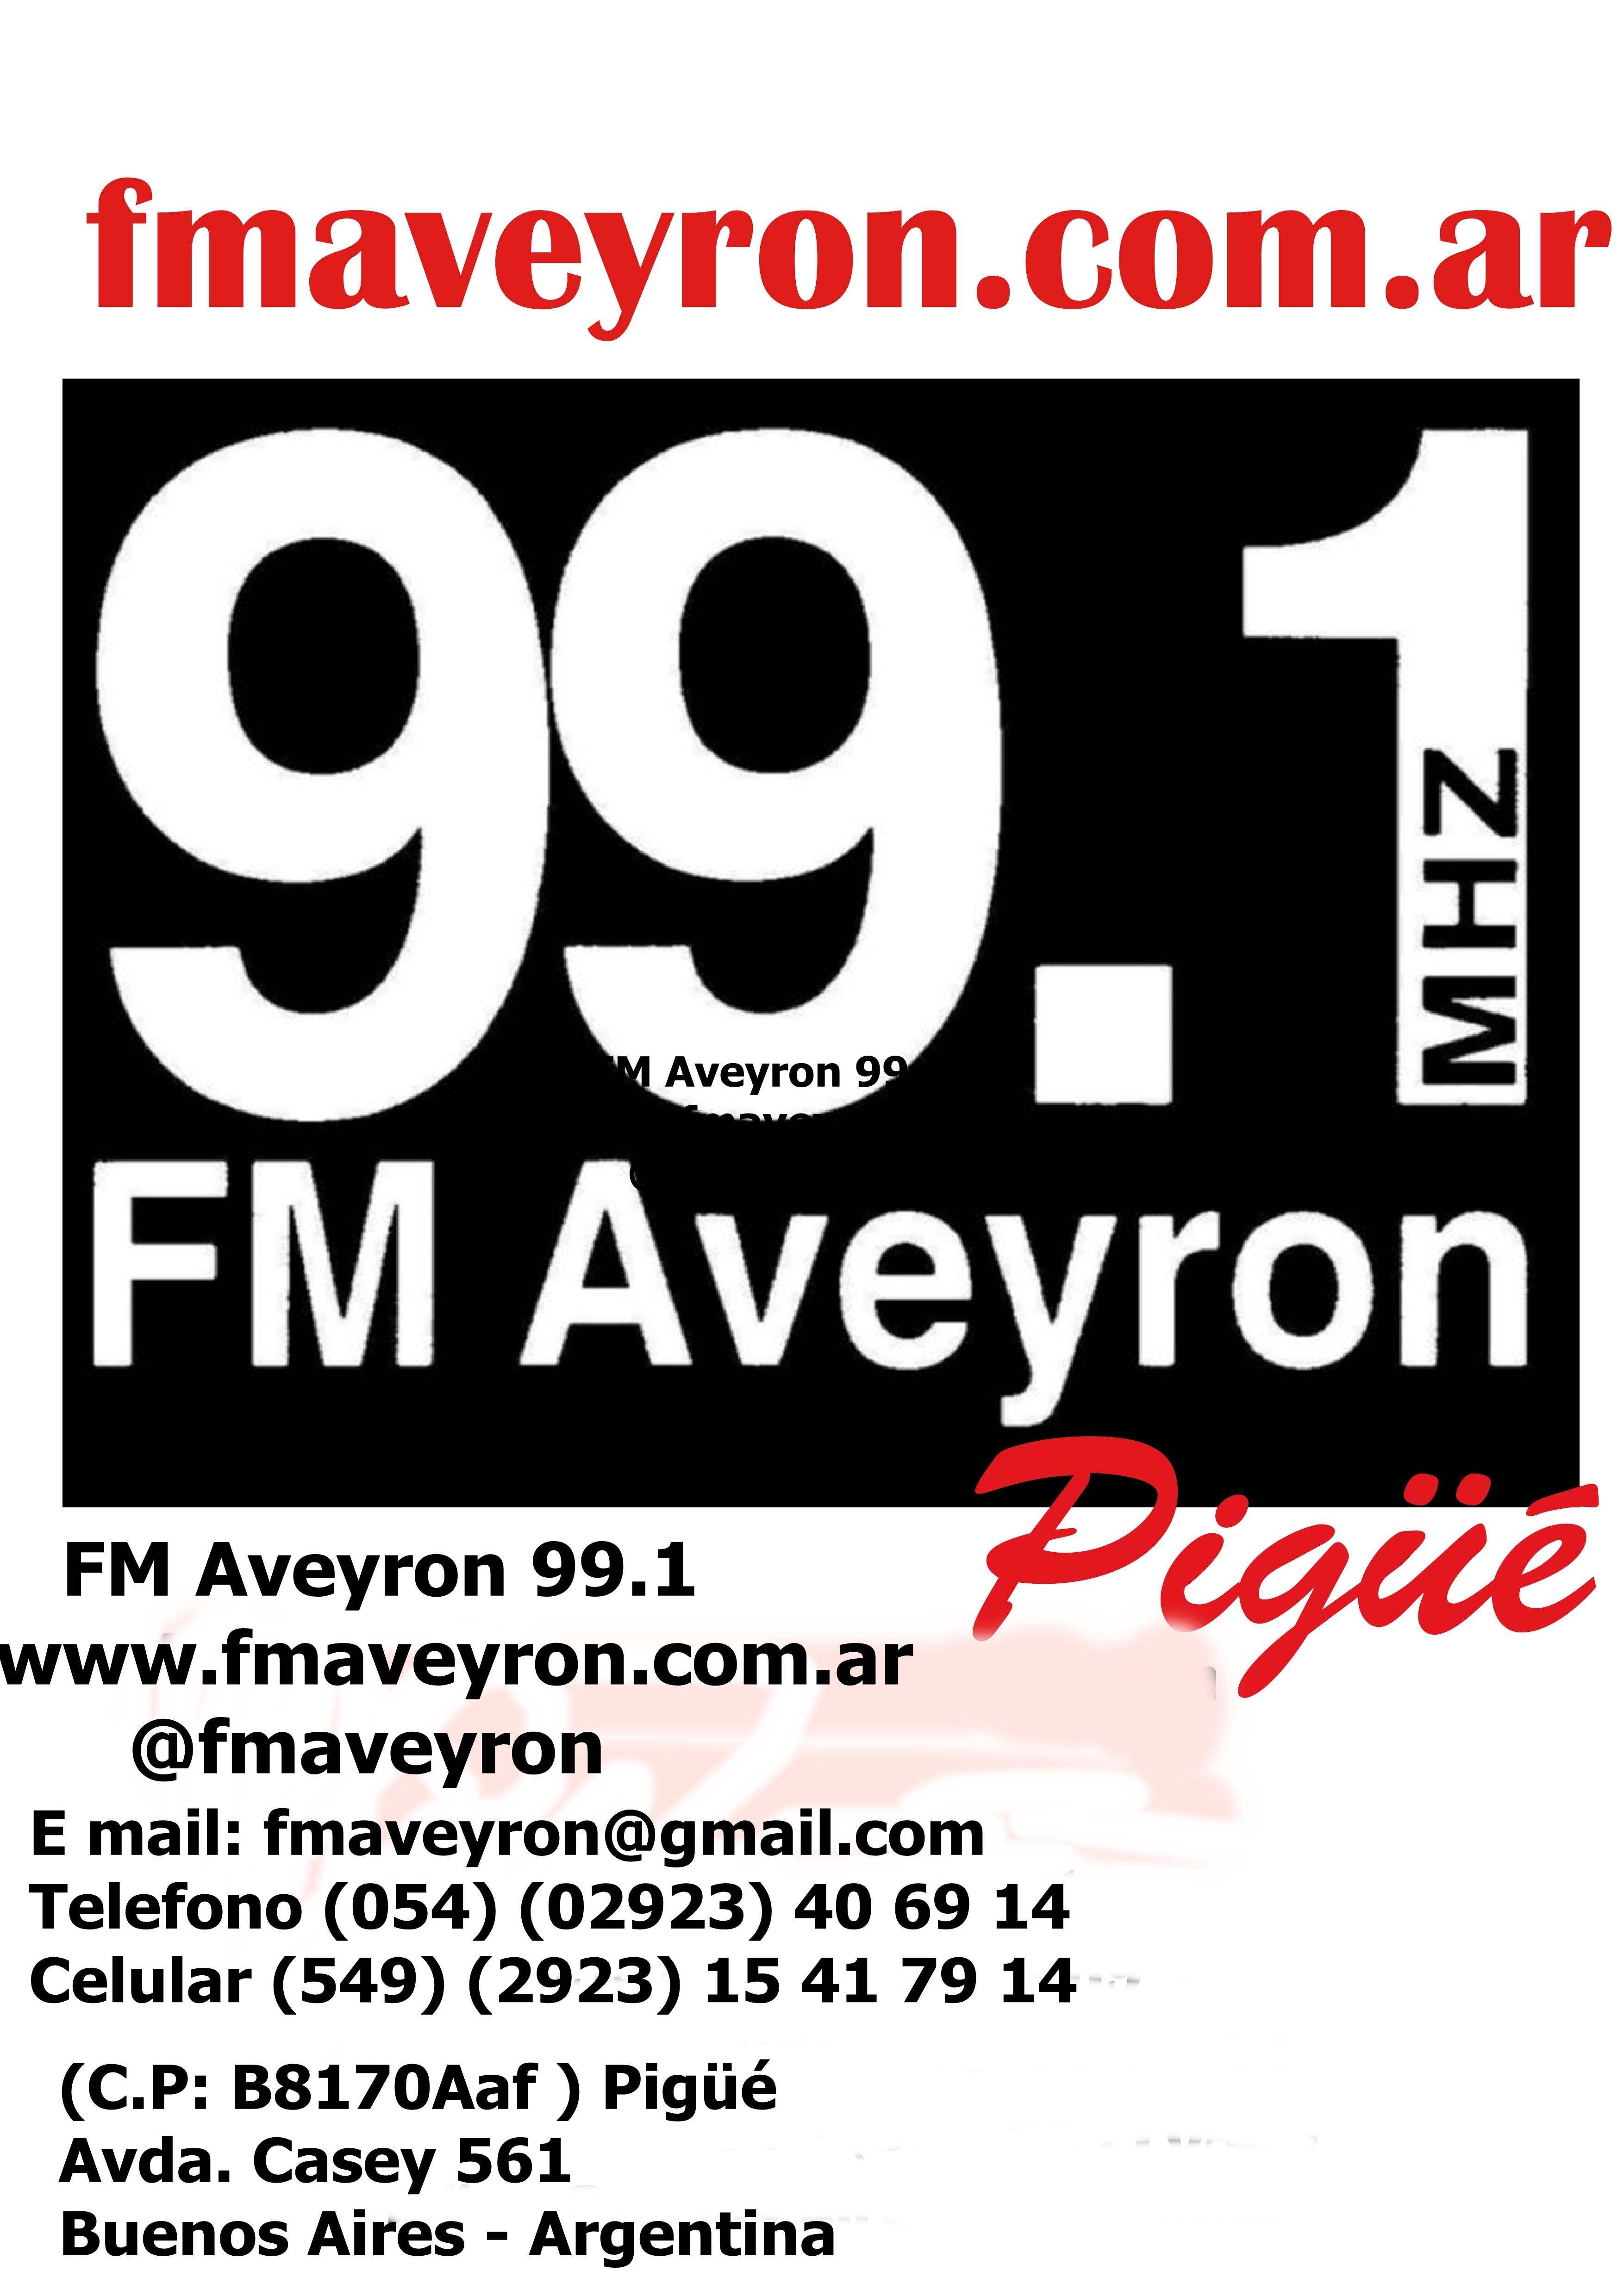 FM Aveyron 99.1